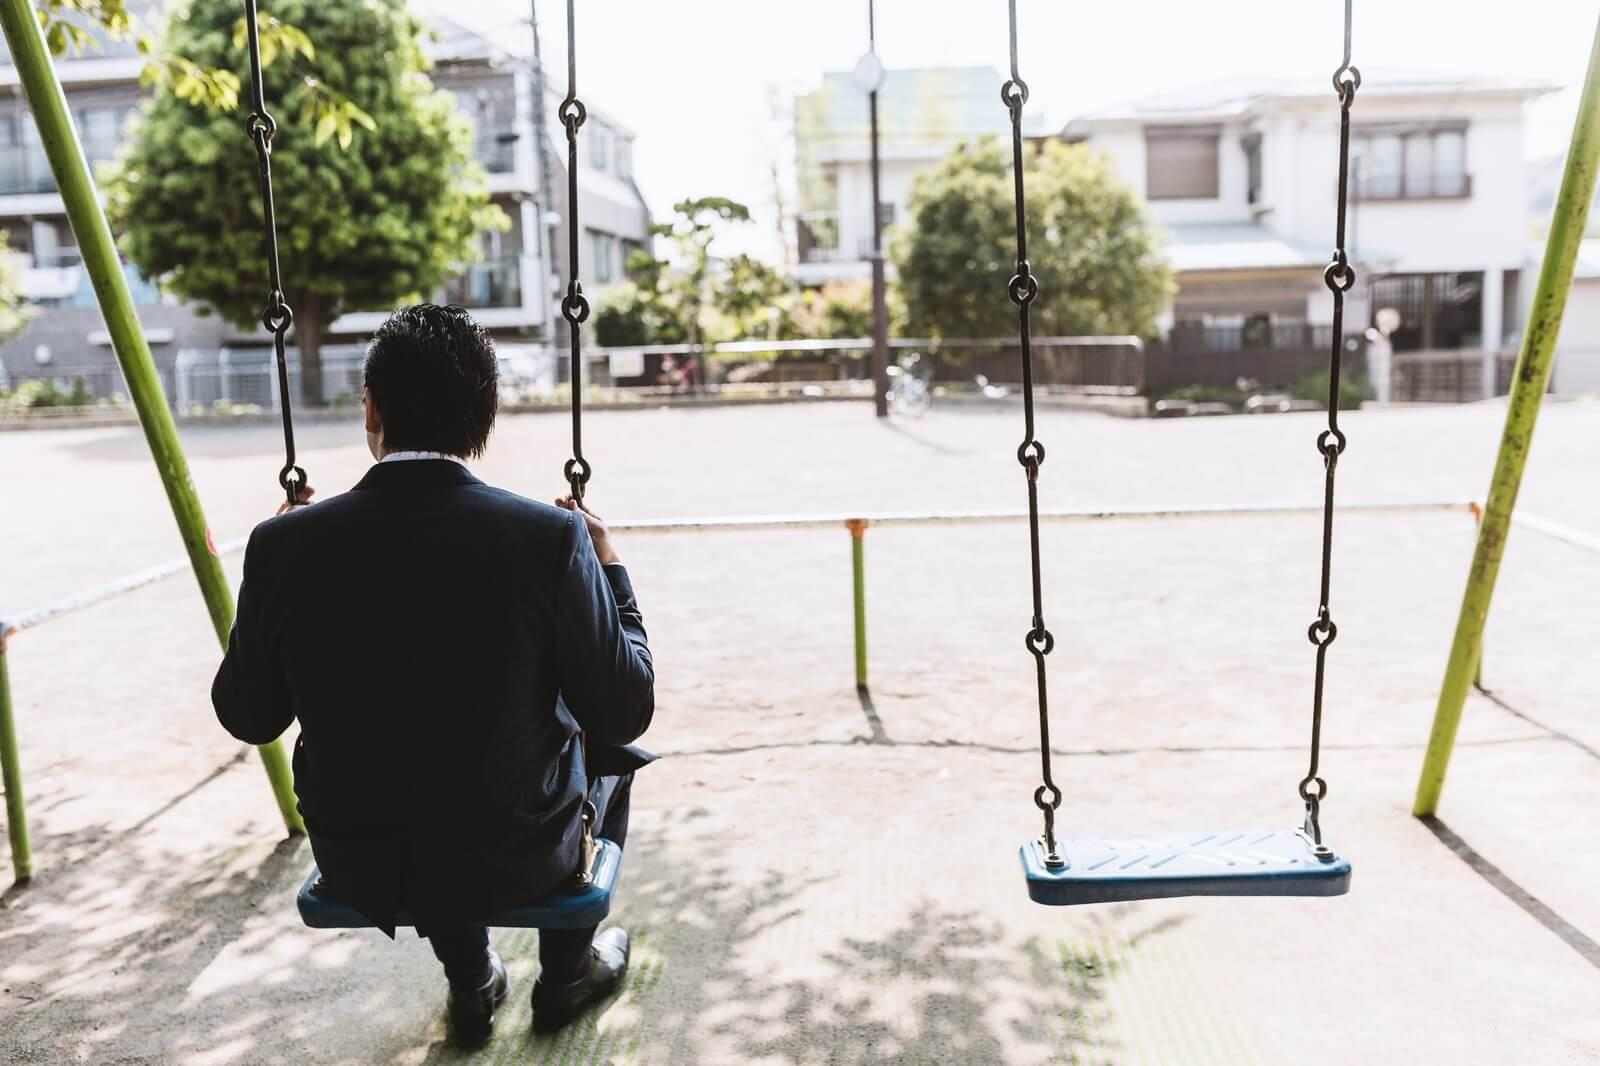 落ち込んで公園のブランコに座っているサラリーマン